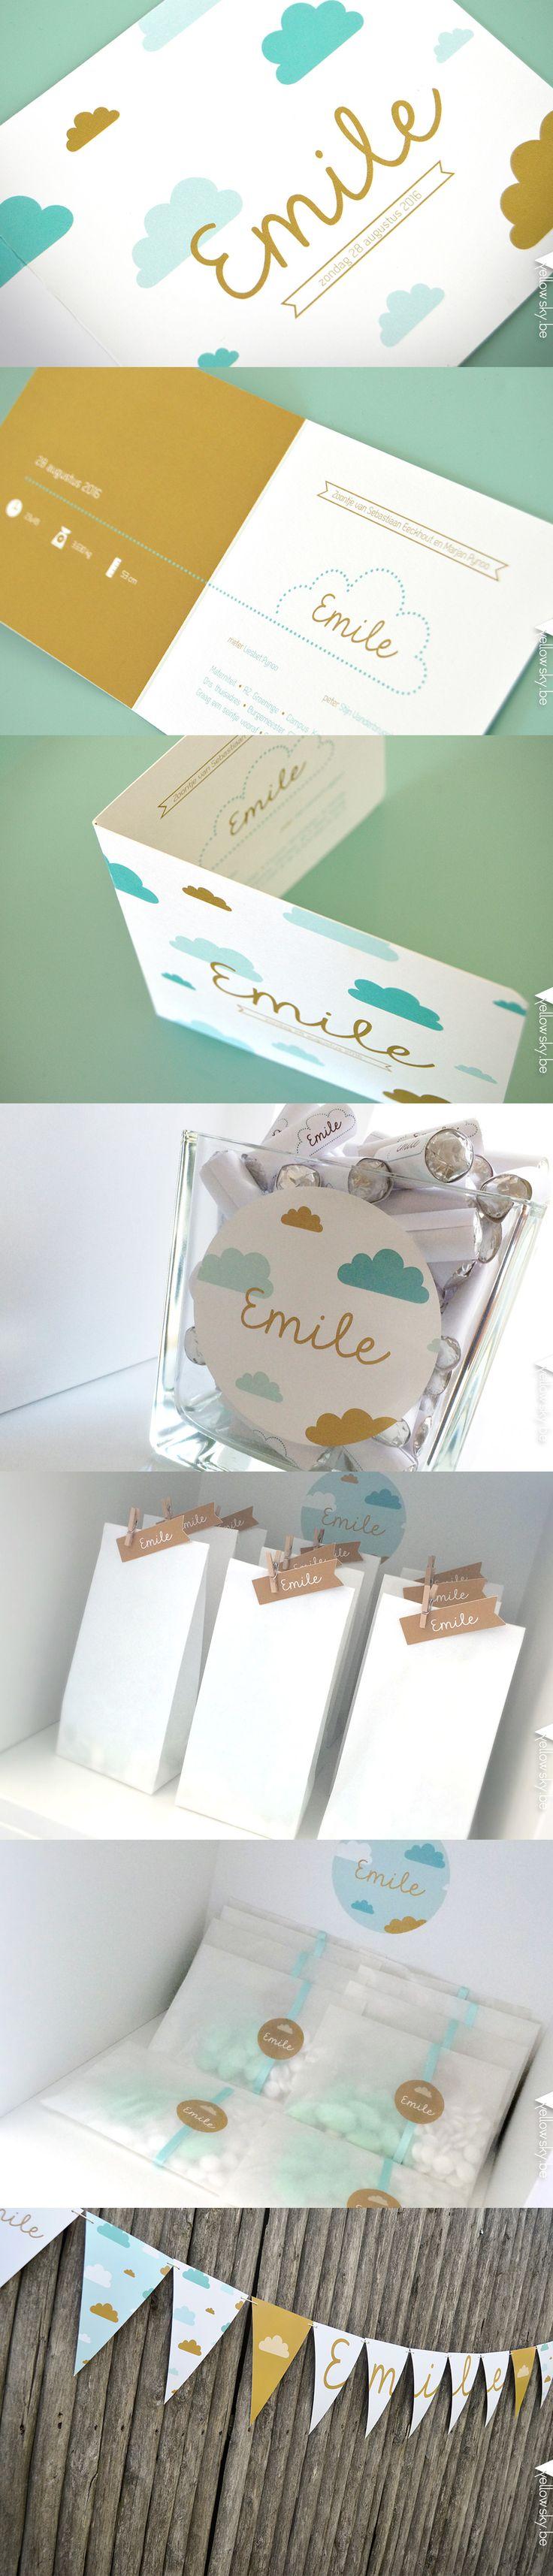 Geboortekaartje voor lieve Emile! Doopsuikers en vlaggenlijn maken het af. Designed by Yellow Sky! #wolkjes #geboorte #jongen #goud